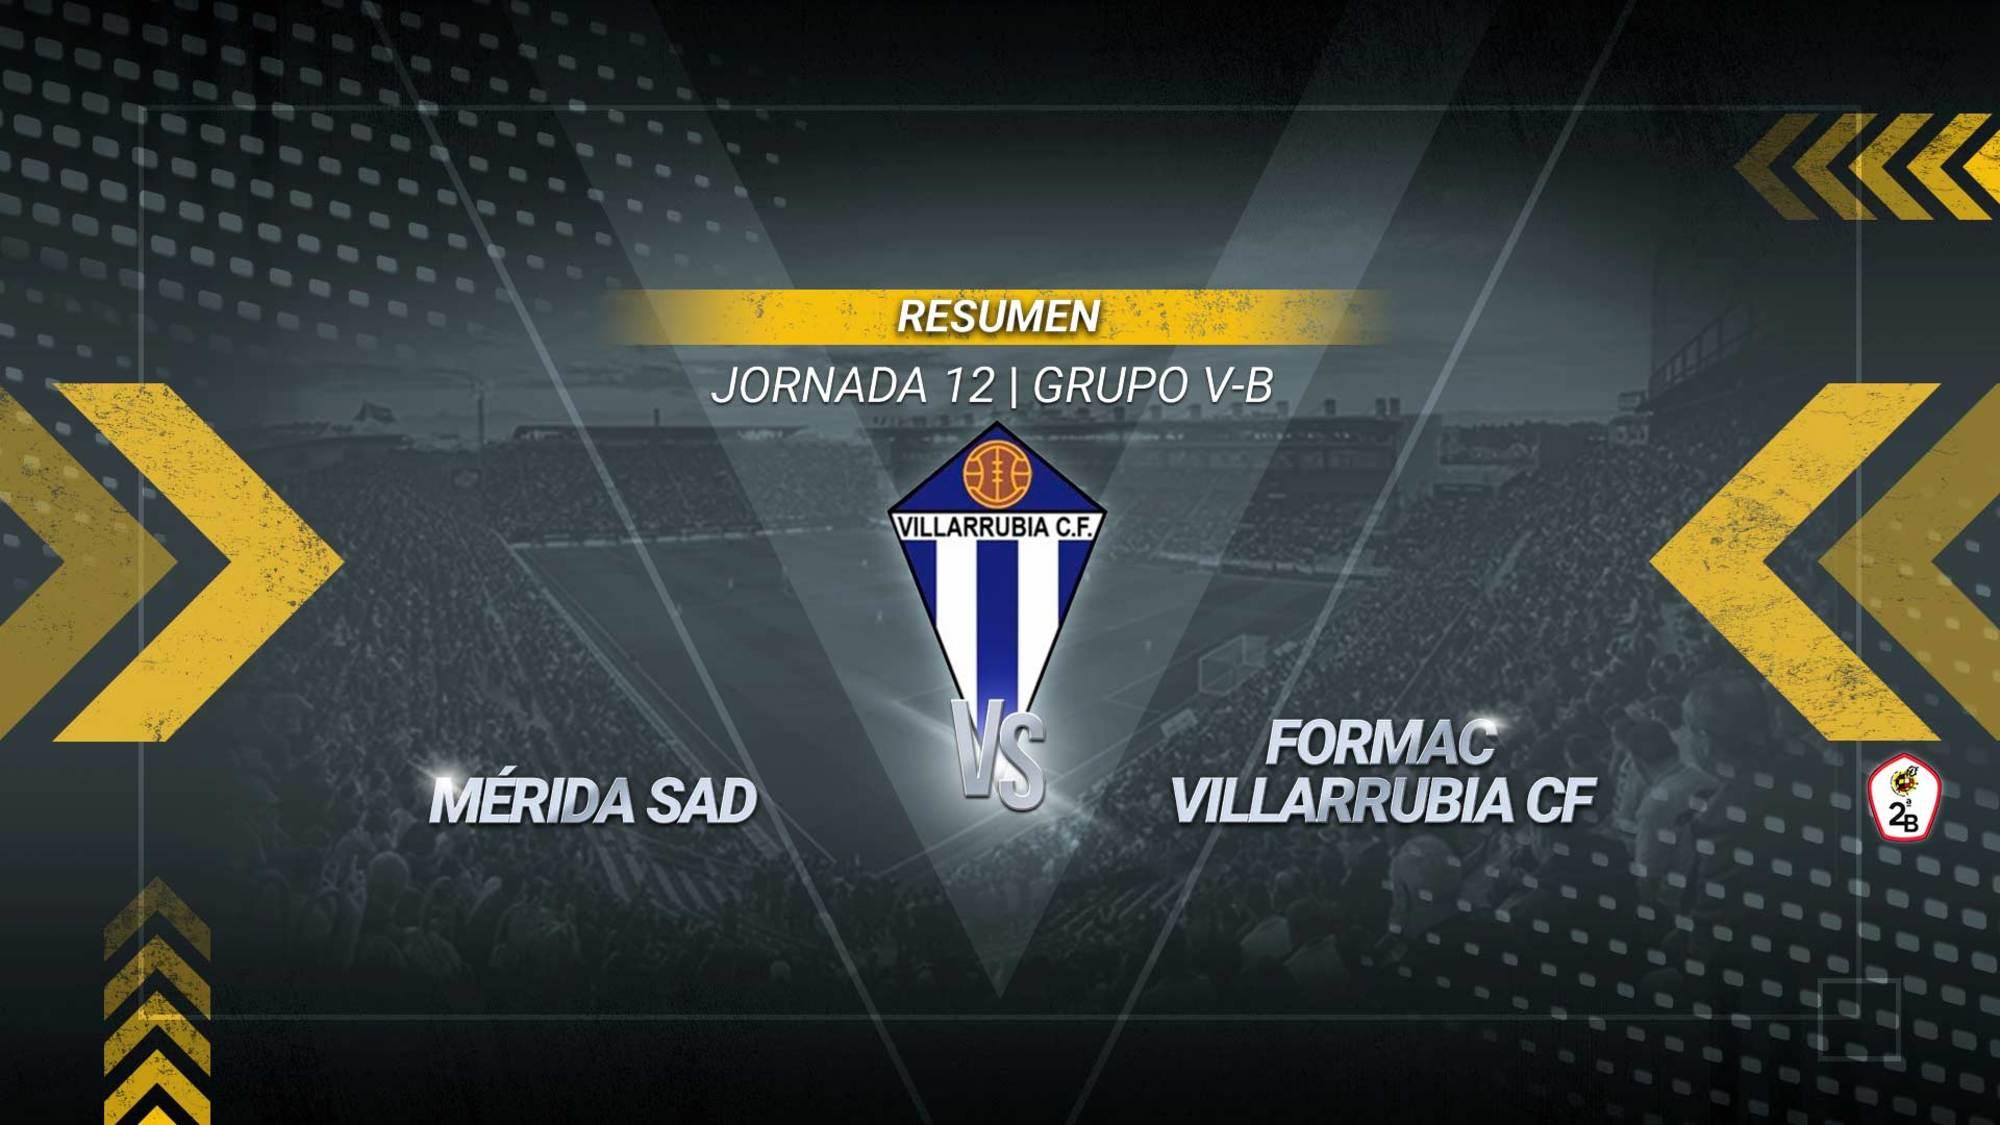 El Villarrubia se lleva un punto de Mérida y suma su quinto empate consecutivo. Los de Javi Sánchez se quedan en la octava posición con 16 puntos y recibirán el próximo domingo al Villarrobledo en el derbi castellano-manchego.